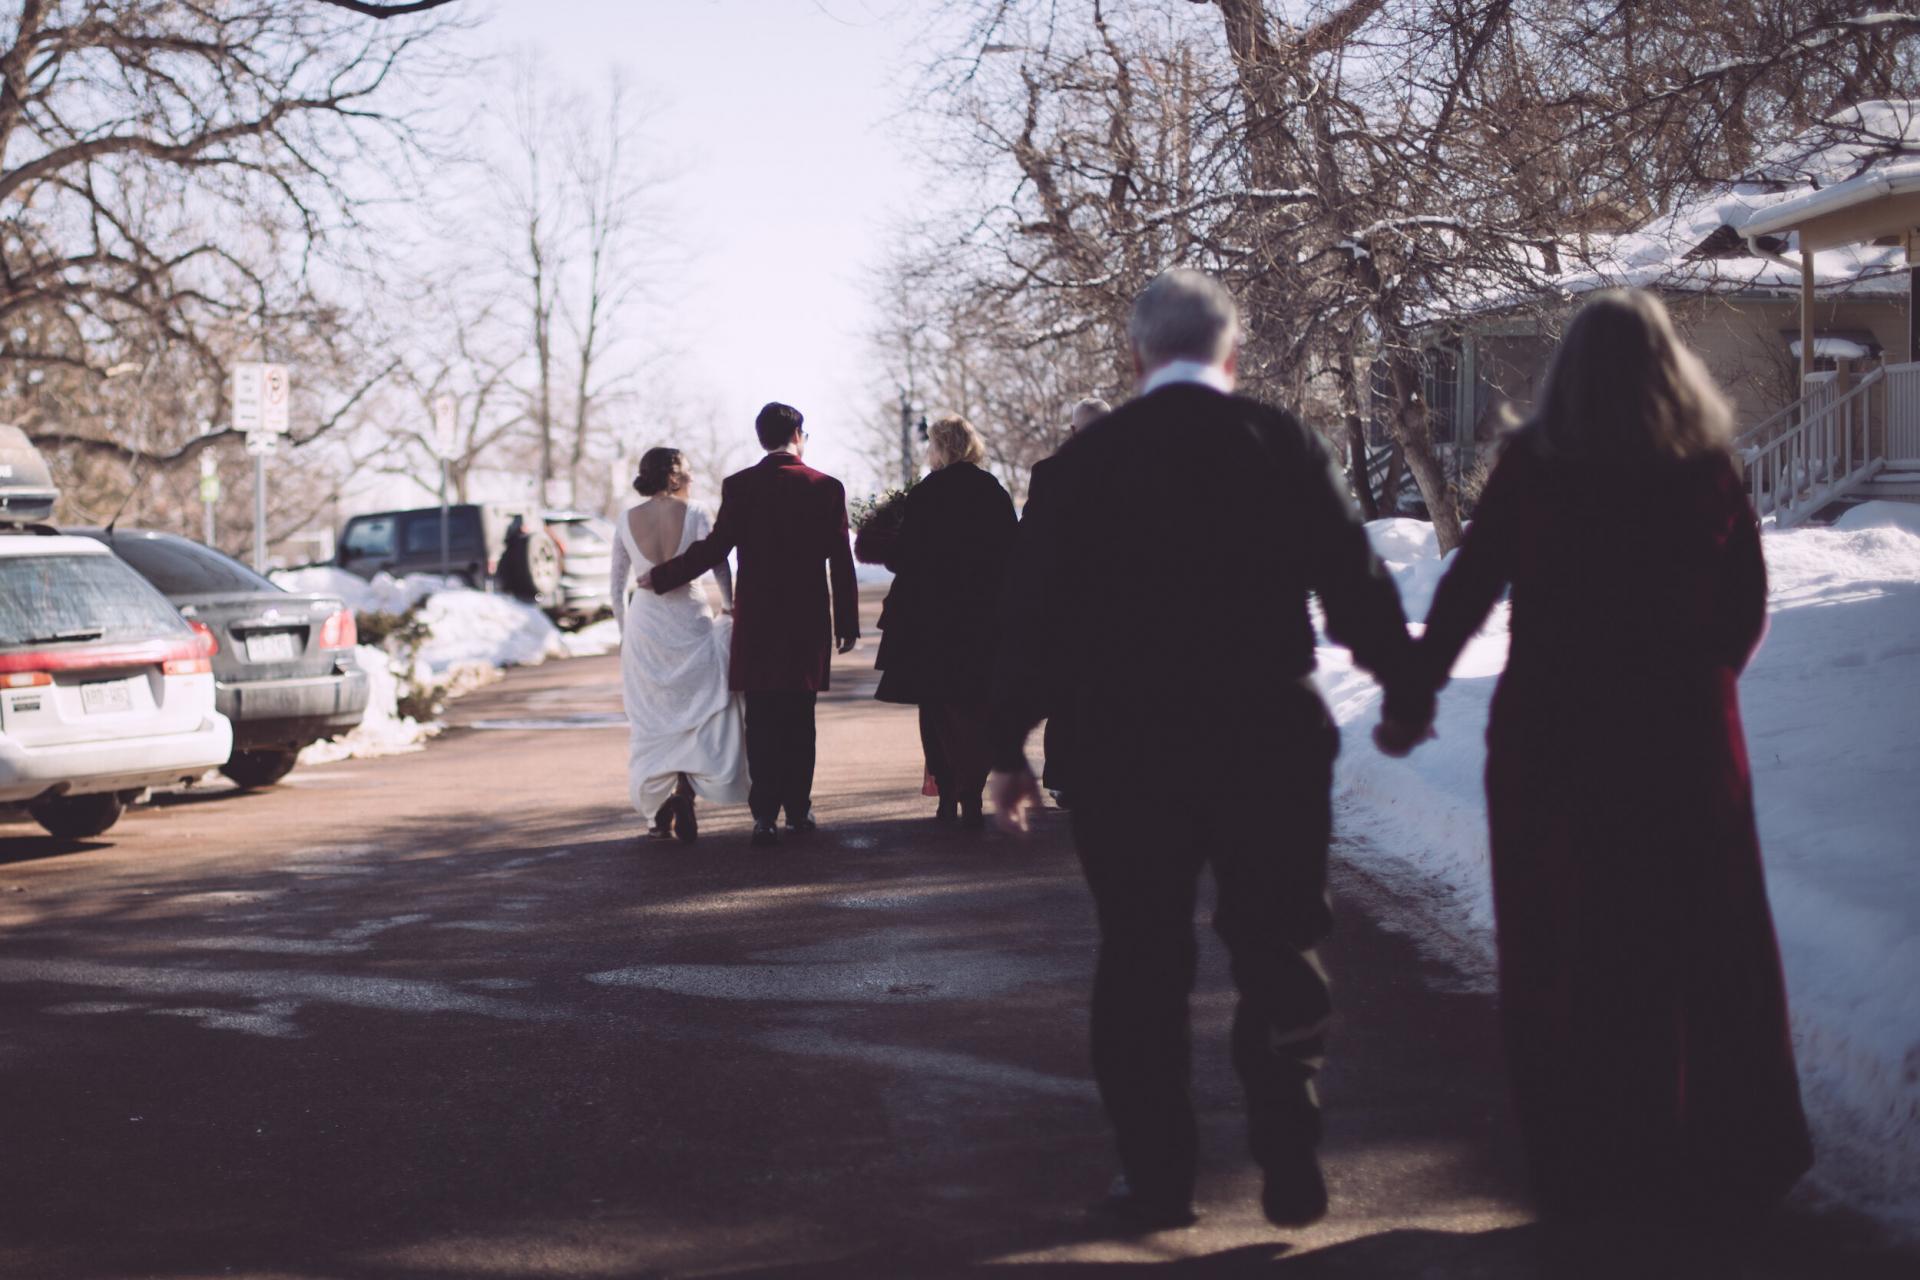 Colorado Winter Elopement Bild | Die Gruppe geht die Straße entlang in Richtung eines Restaurants, um zu feiern. Das Brautpaar geht voran